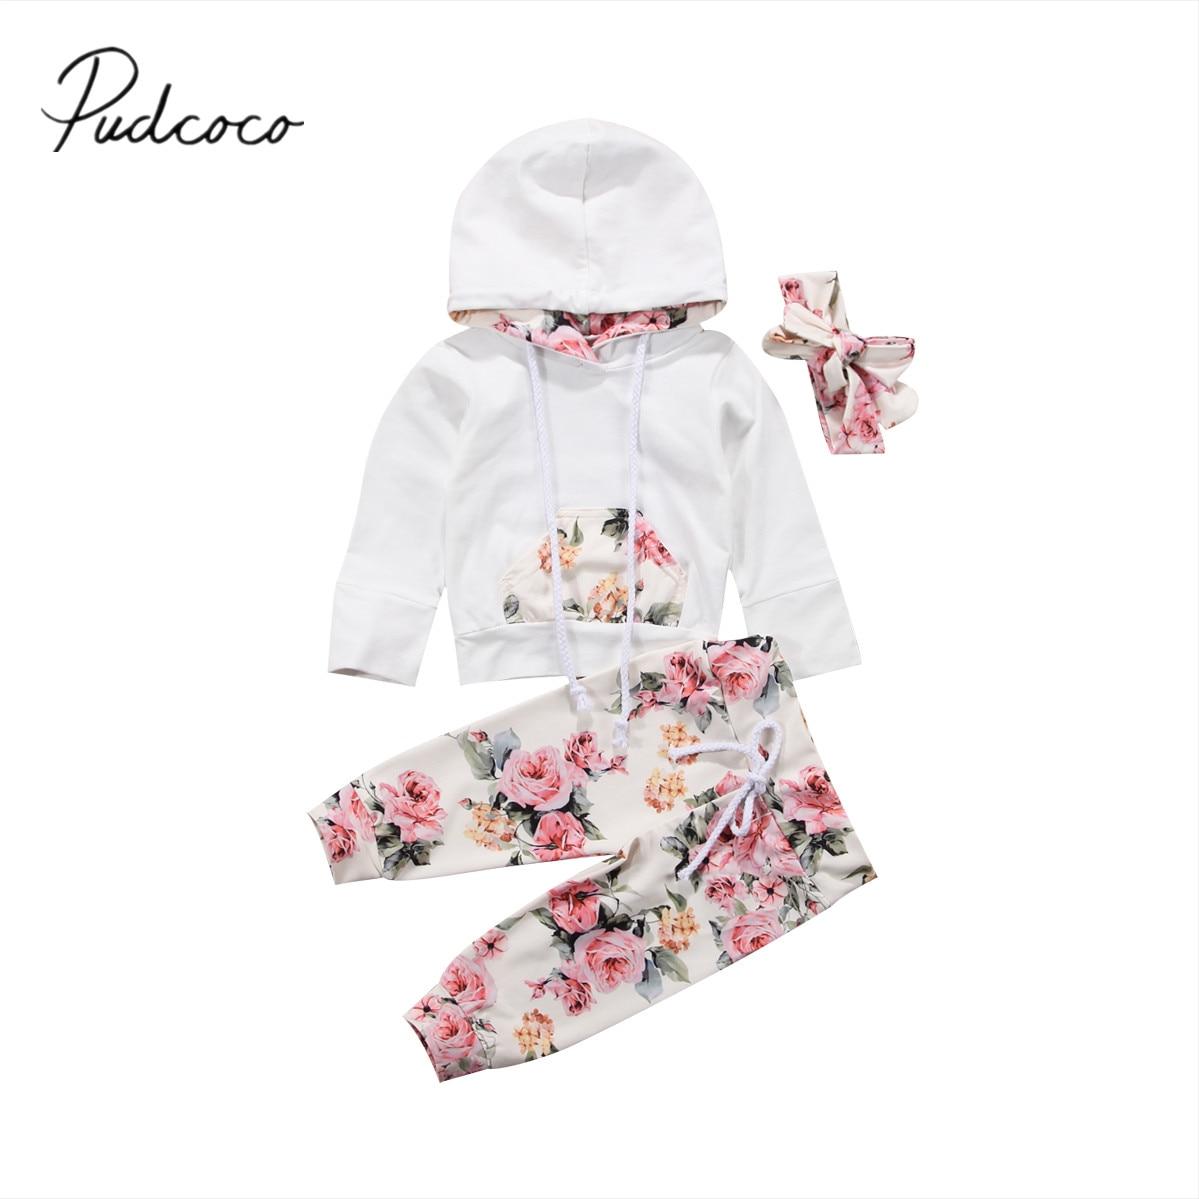 f40d9fd347b6 2017 tout nouveau bébé enfant en bas âge nouveau-né bébé filles Floral  tenue vêtements survêtement hauts à capuche + Leggings pantalon bandeau 3  pièces ...